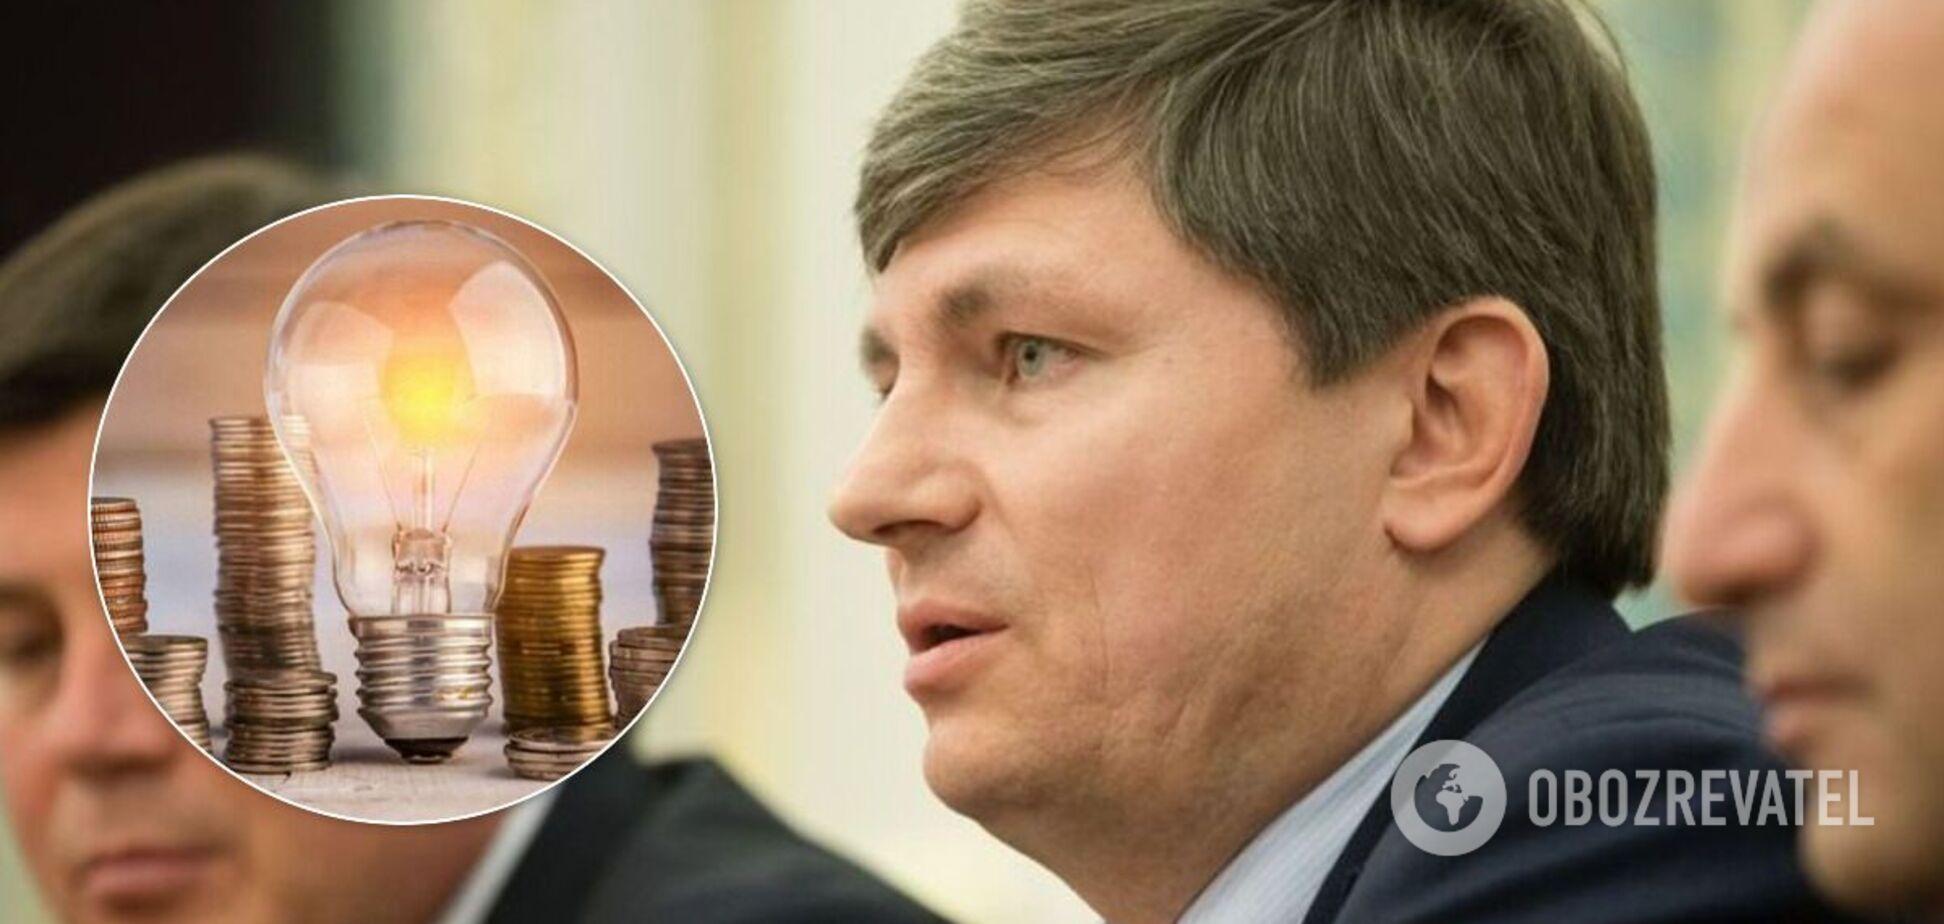 У Порошенка вимагають від Радиповернути пільги на електроенергію тазаборонити імпорт з РФ